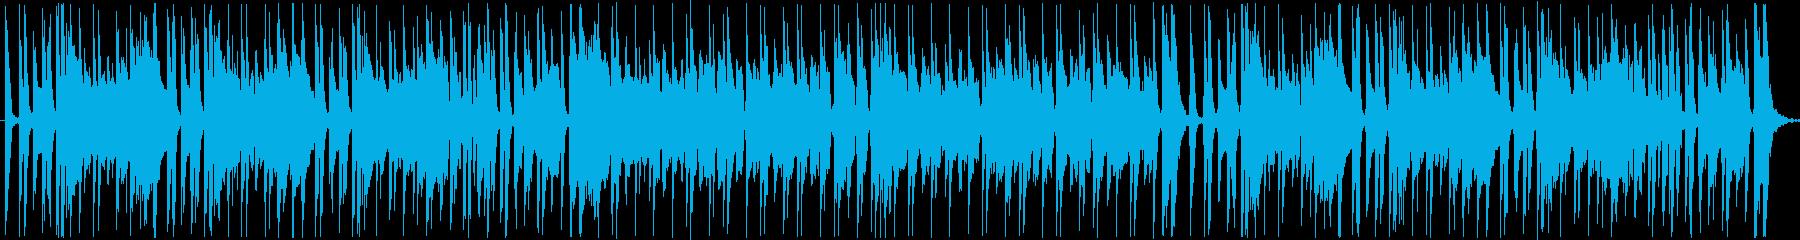 タンゴ センチメンタル お洒落 エ...の再生済みの波形